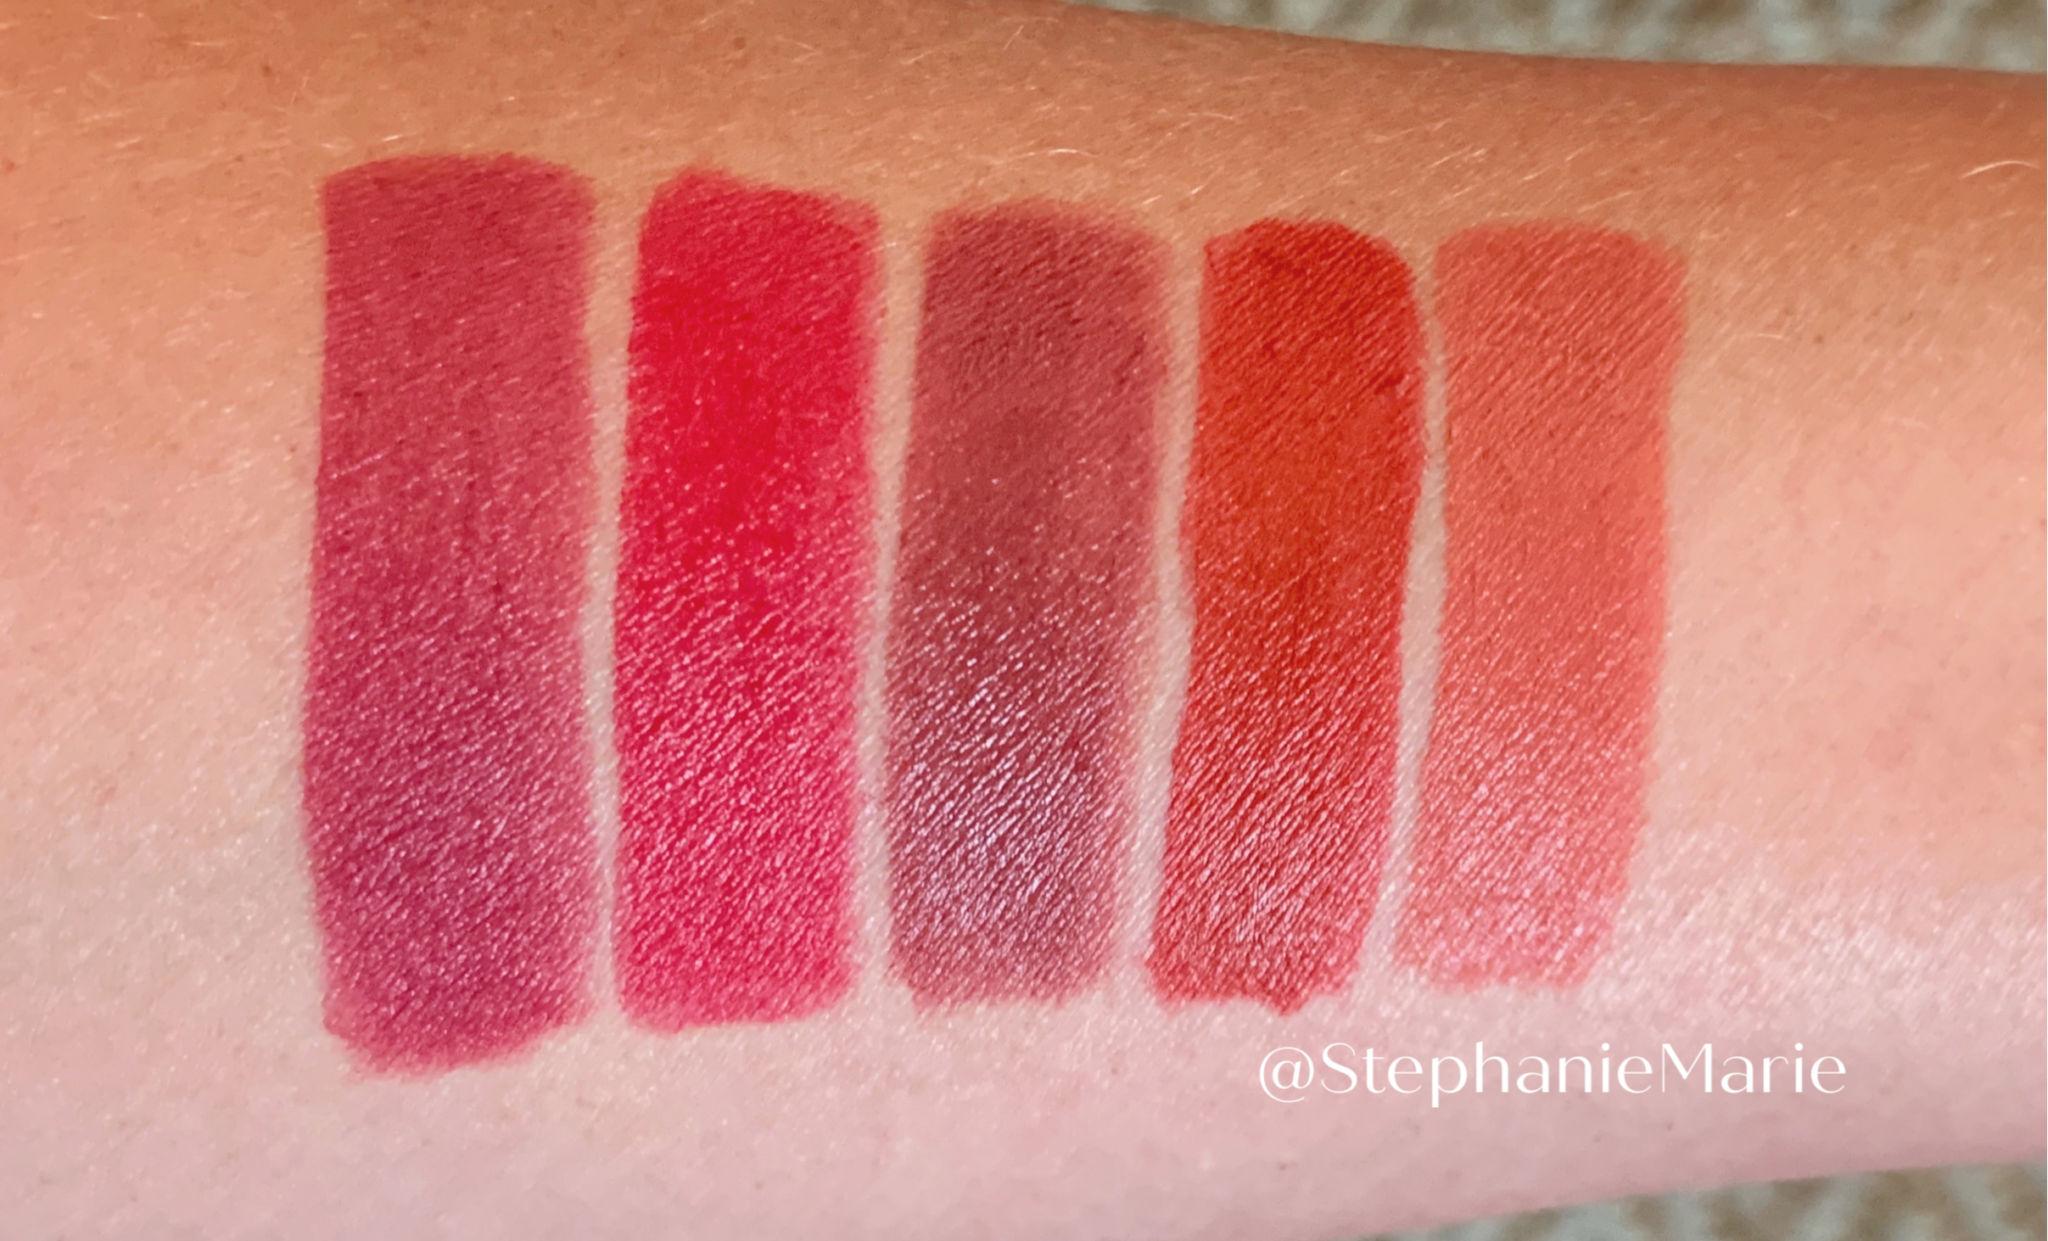 Hot lips 2 charlotte tilbury